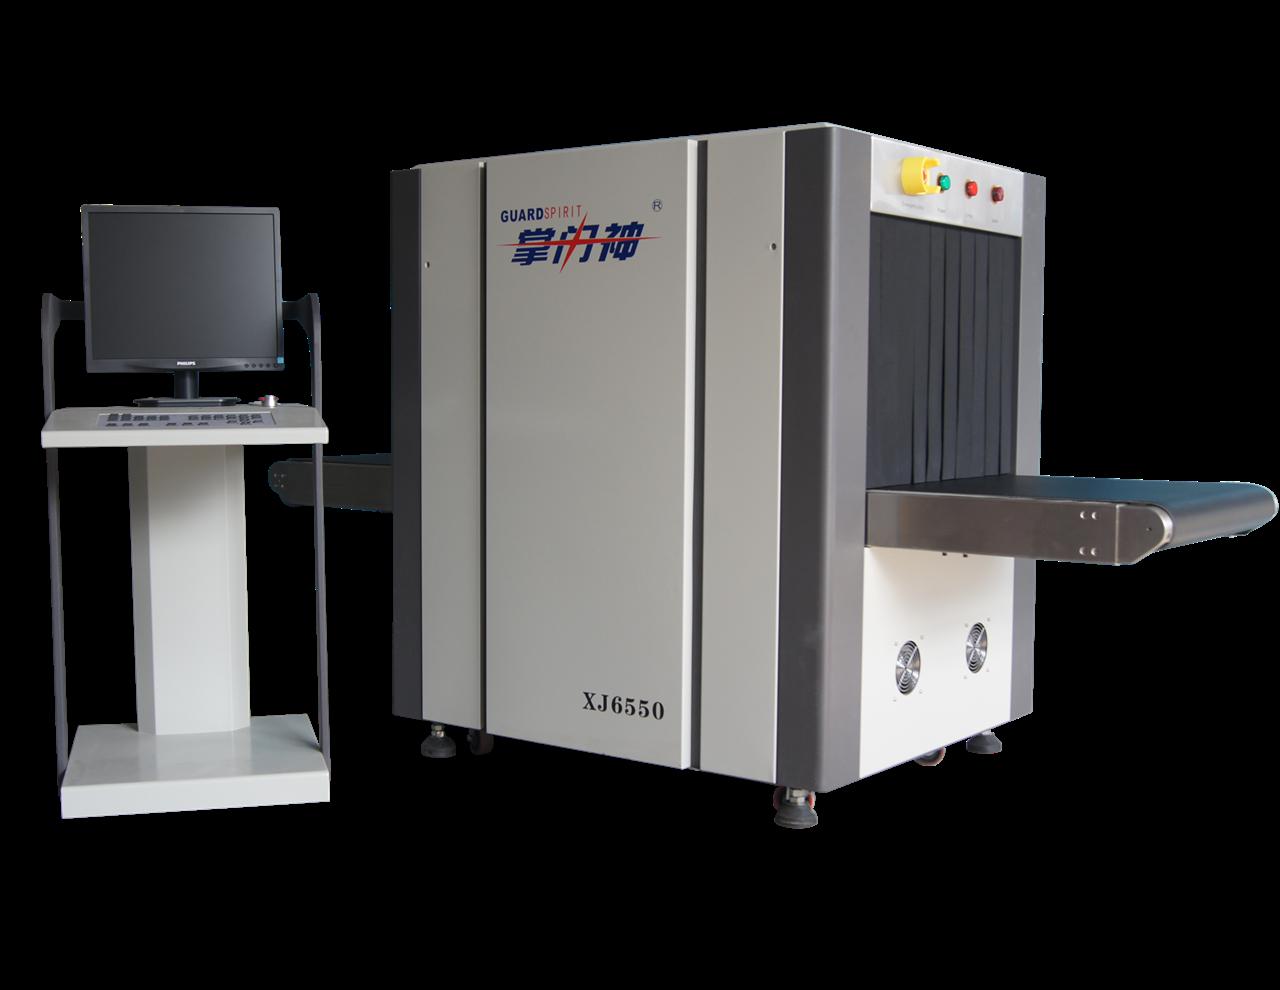 掌武汉股票配资公司门神XJ6550型X射线多能量安全检查设备